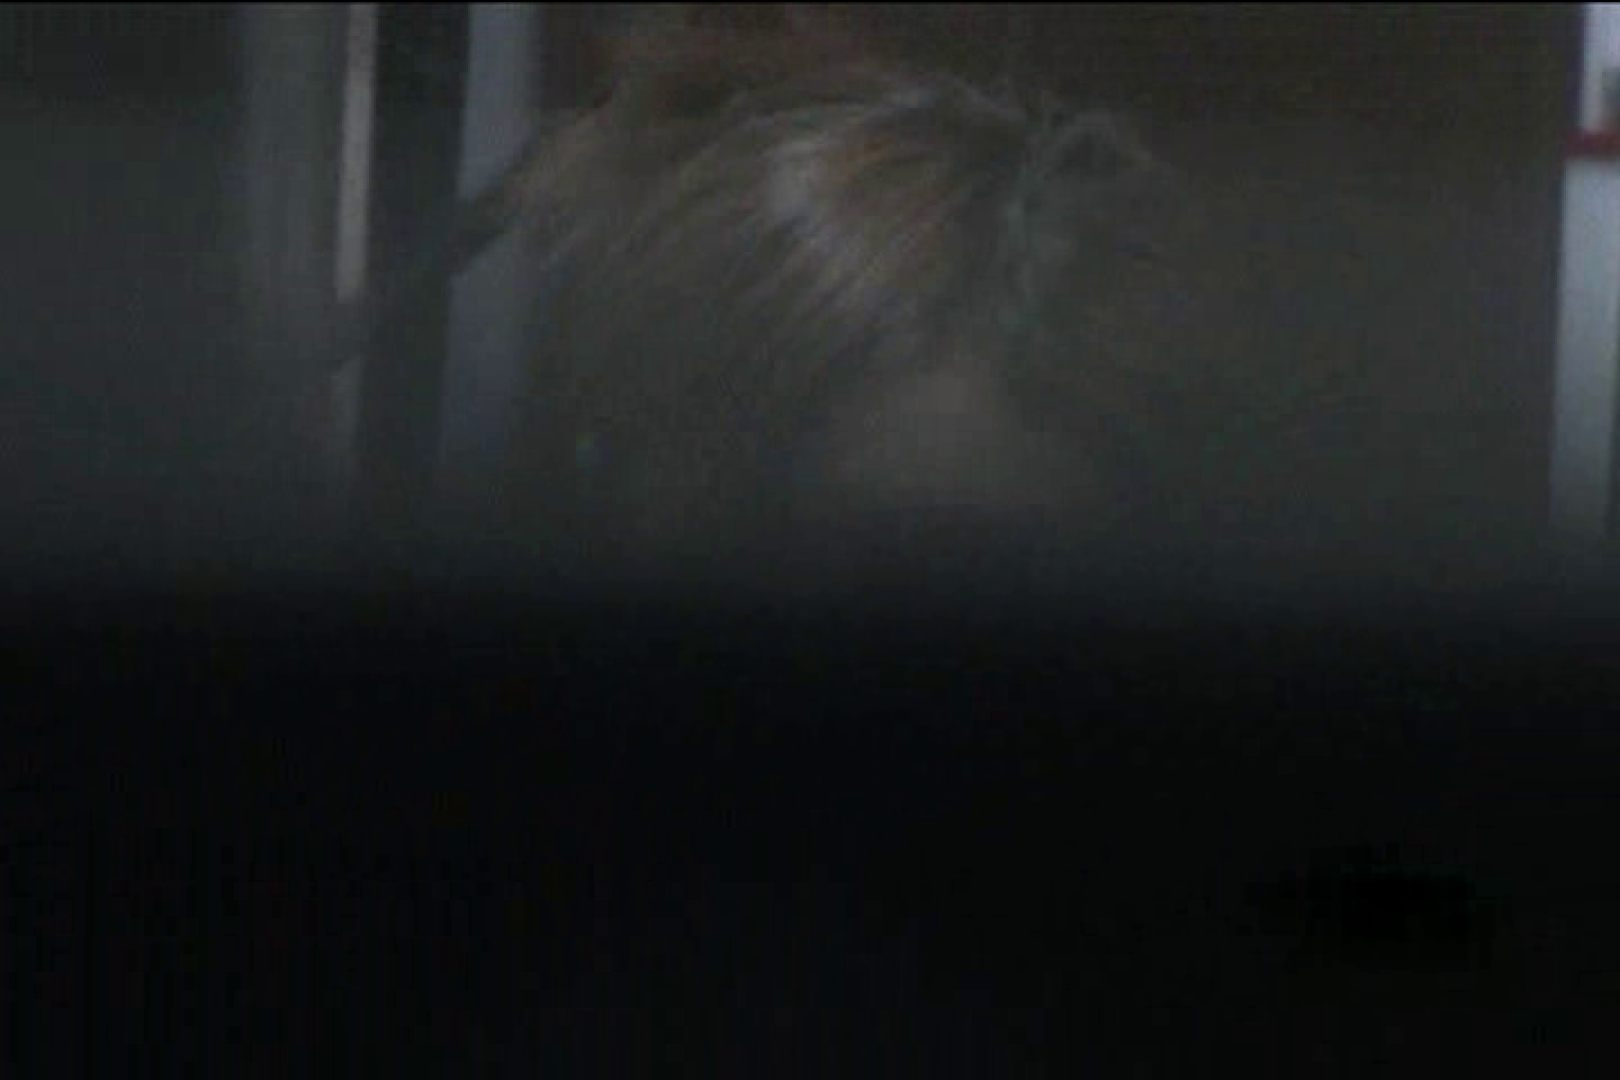 民家自慰マニアVol.1 美しいOLの裸体 AV無料動画キャプチャ 96pic 82